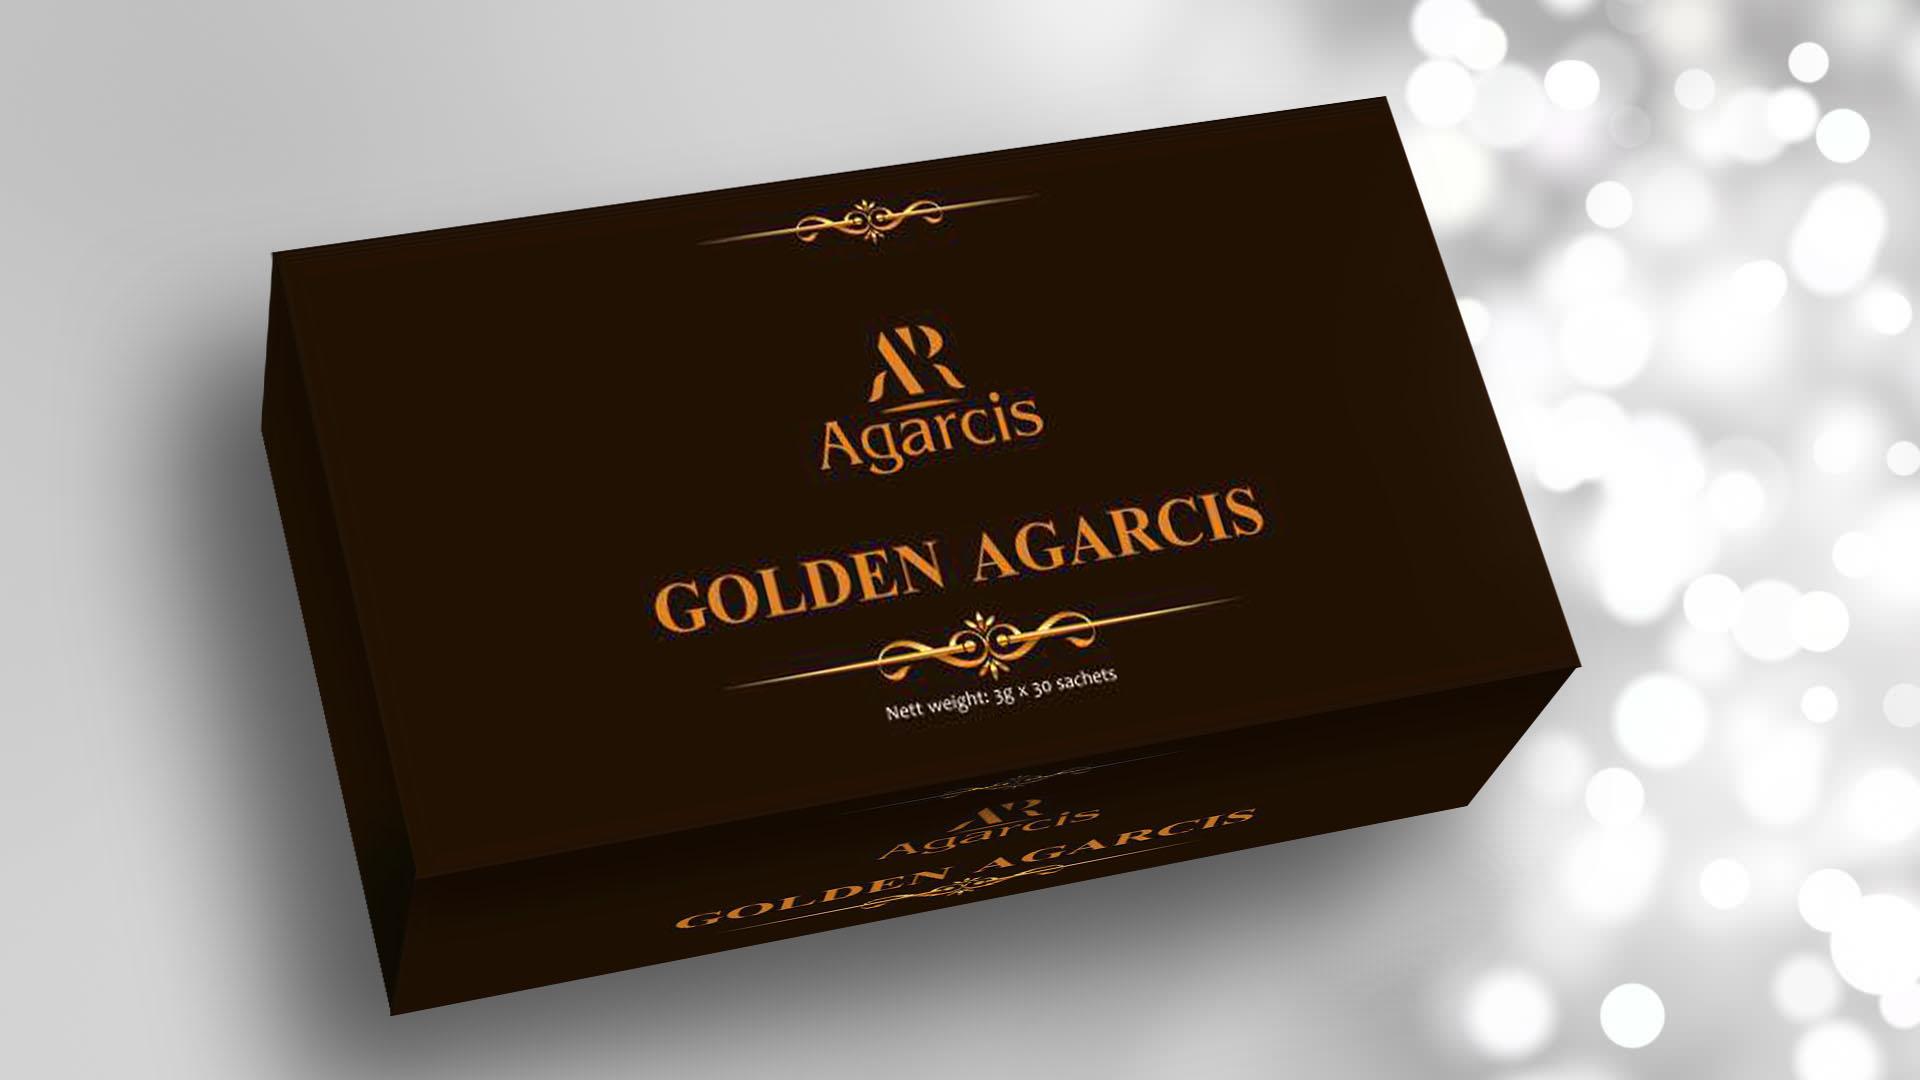 продукт golden agarcis